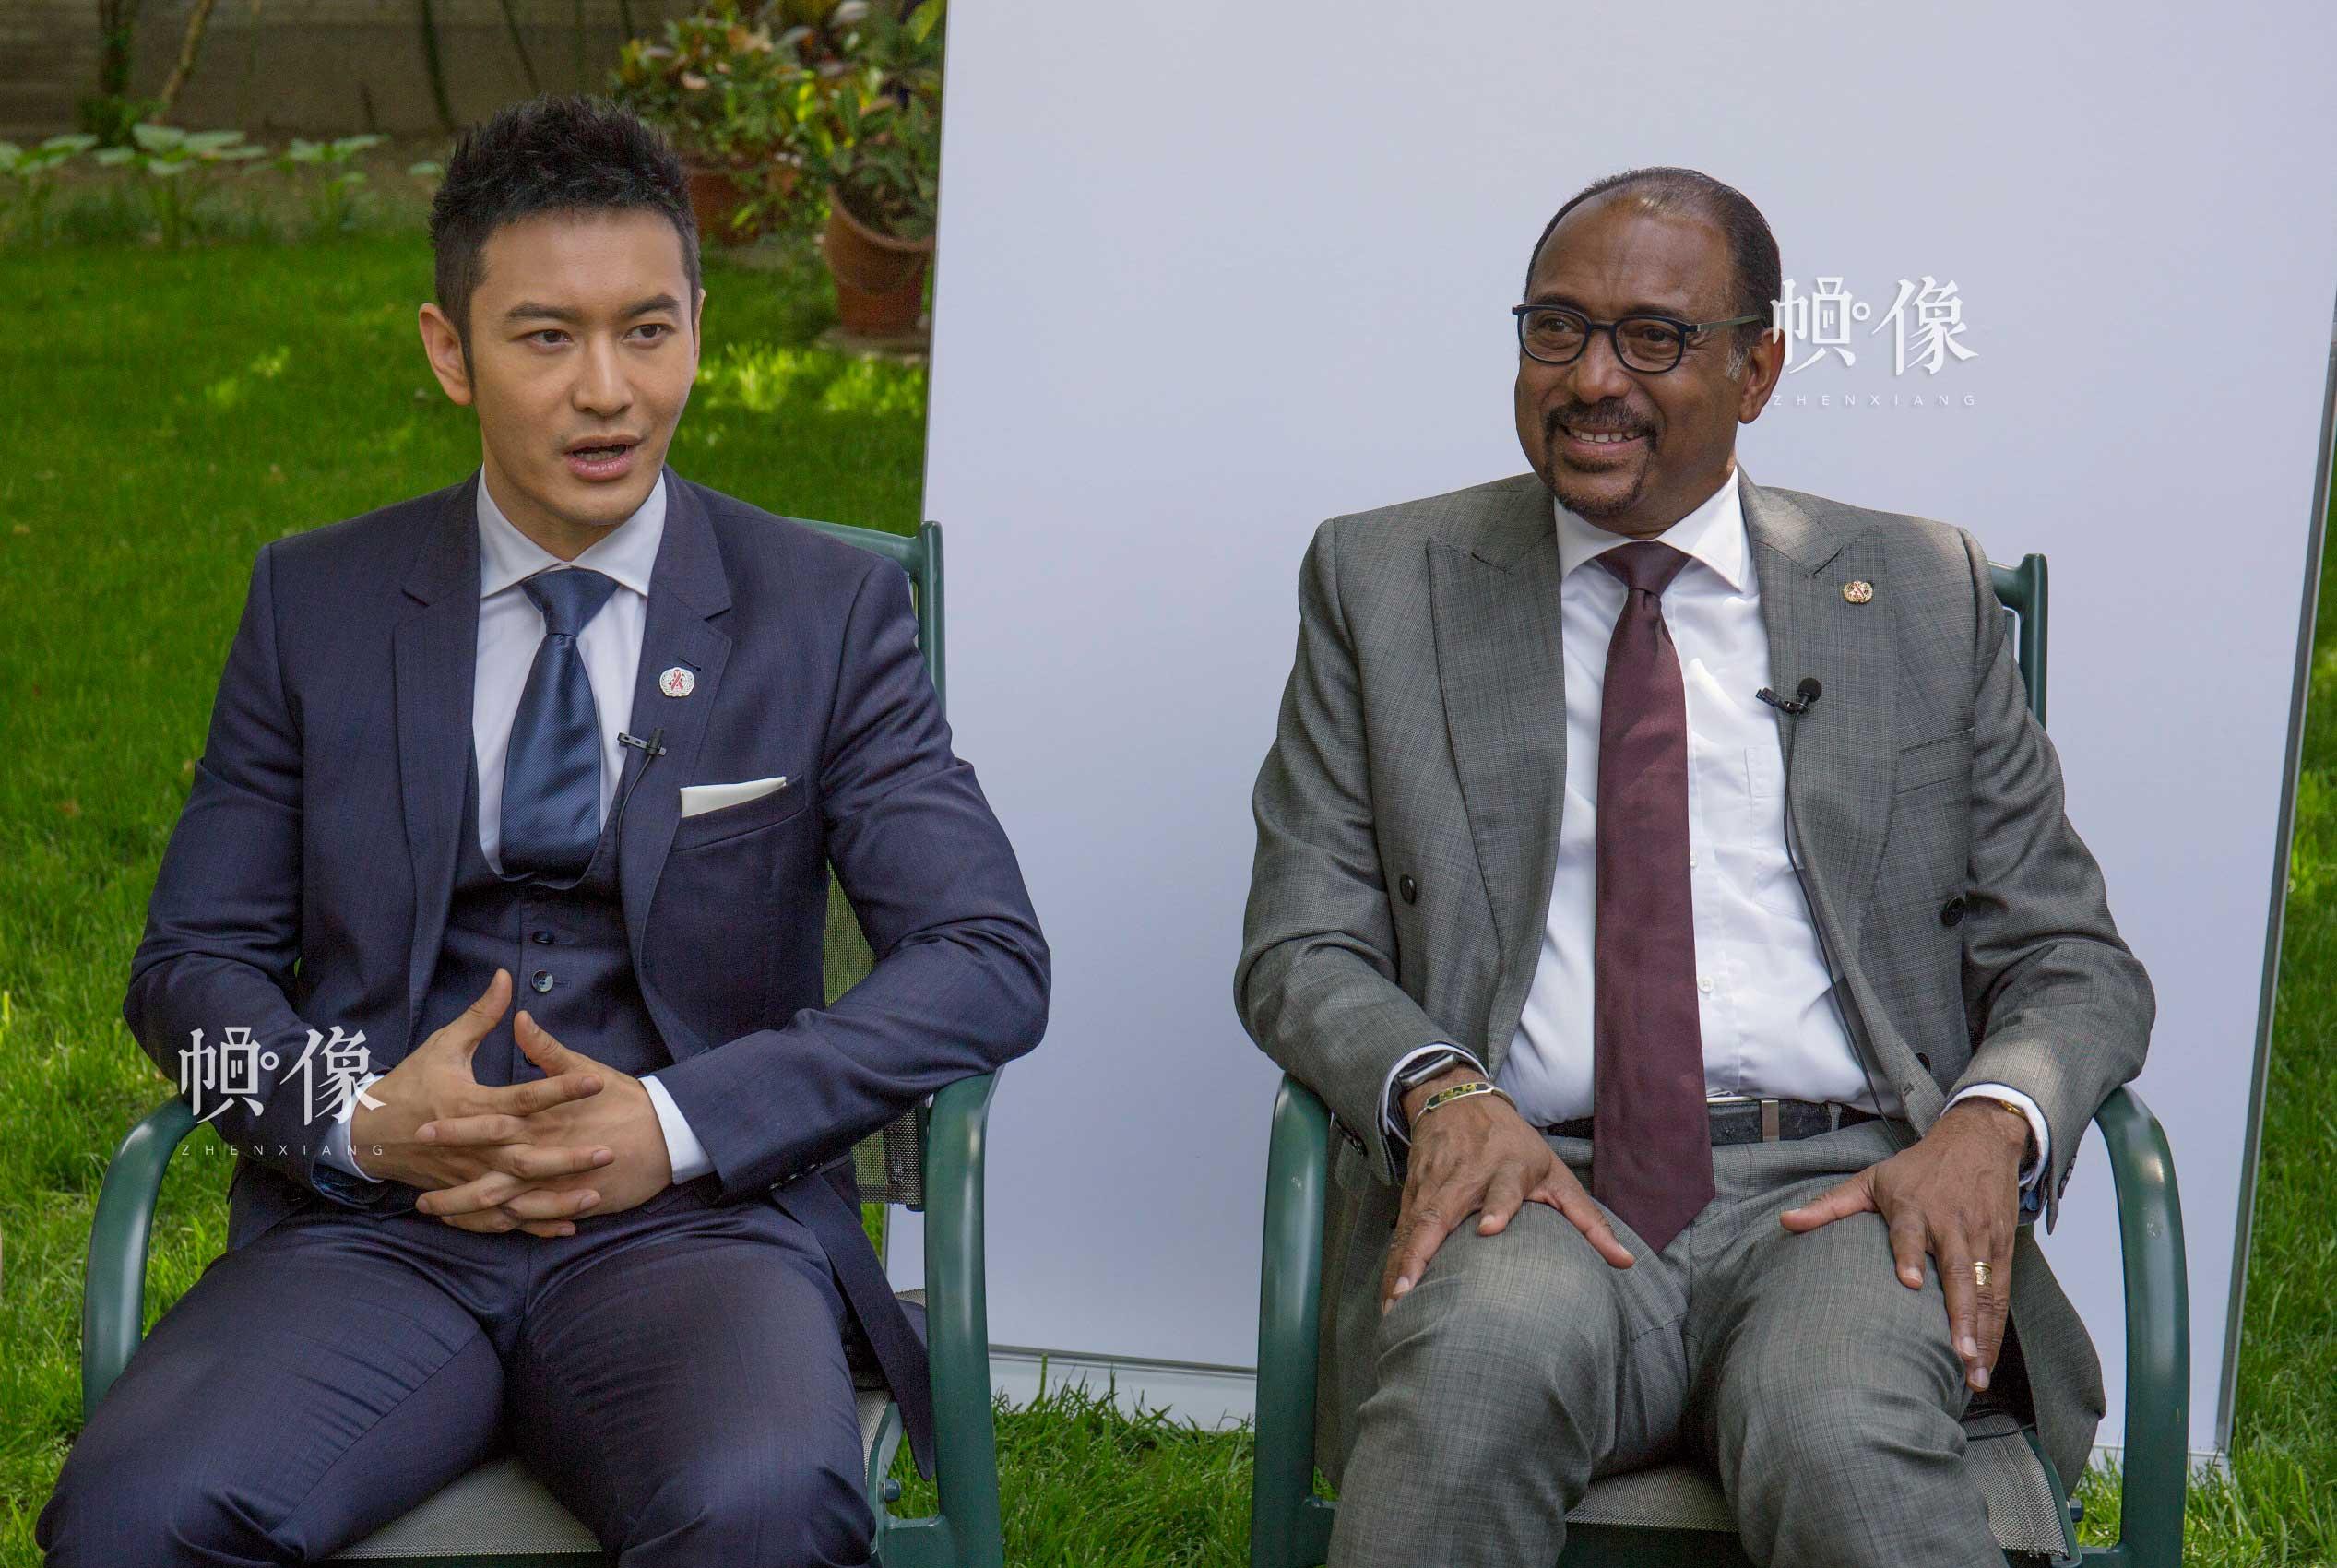 2017年5月12日,联合国艾滋病规划署执行主任米歇尔·西迪贝与联合国艾滋病规划署亲善大使黄晓明在北京联合国大院举行媒体见面会。中国网记者 高南 摄